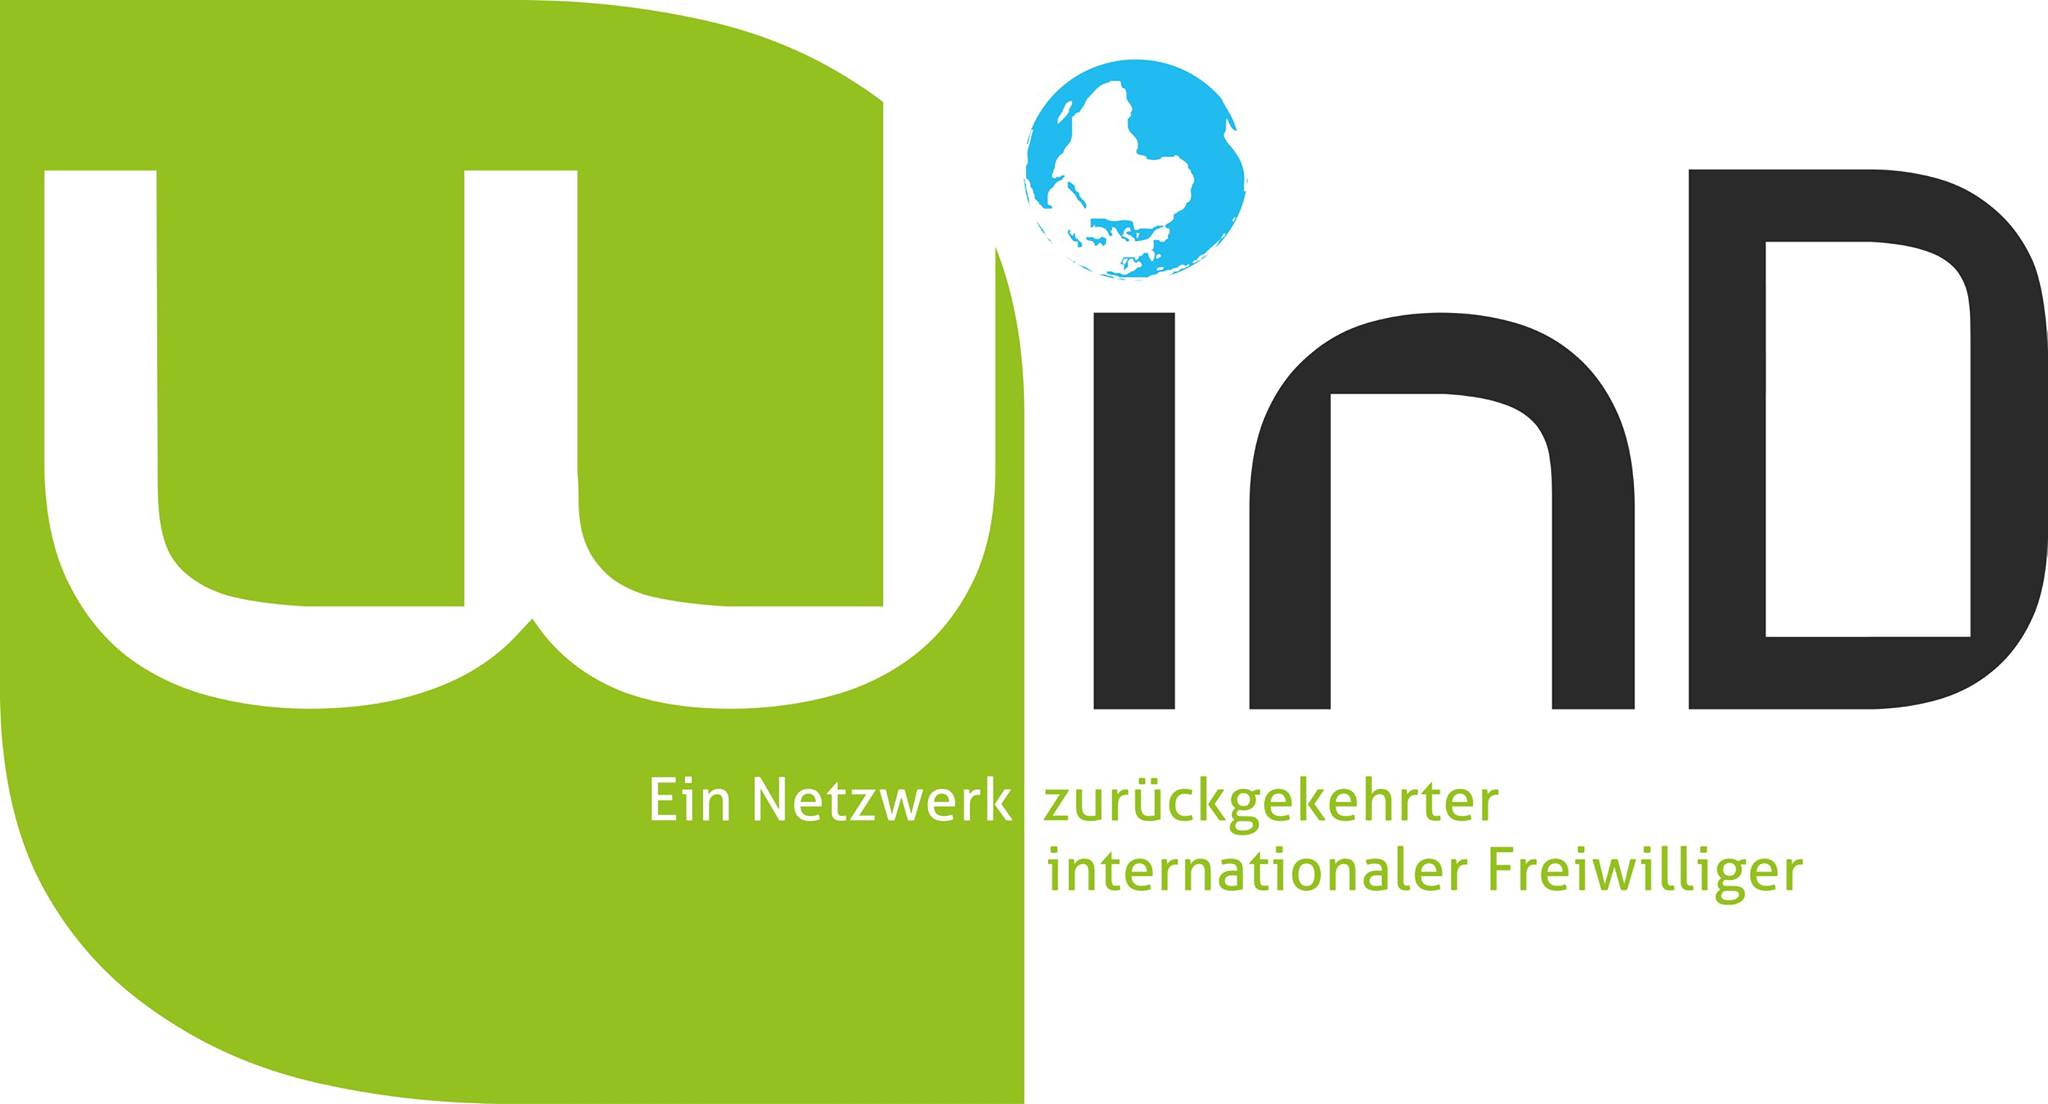 Bildergebnis für wind netzwerk logo